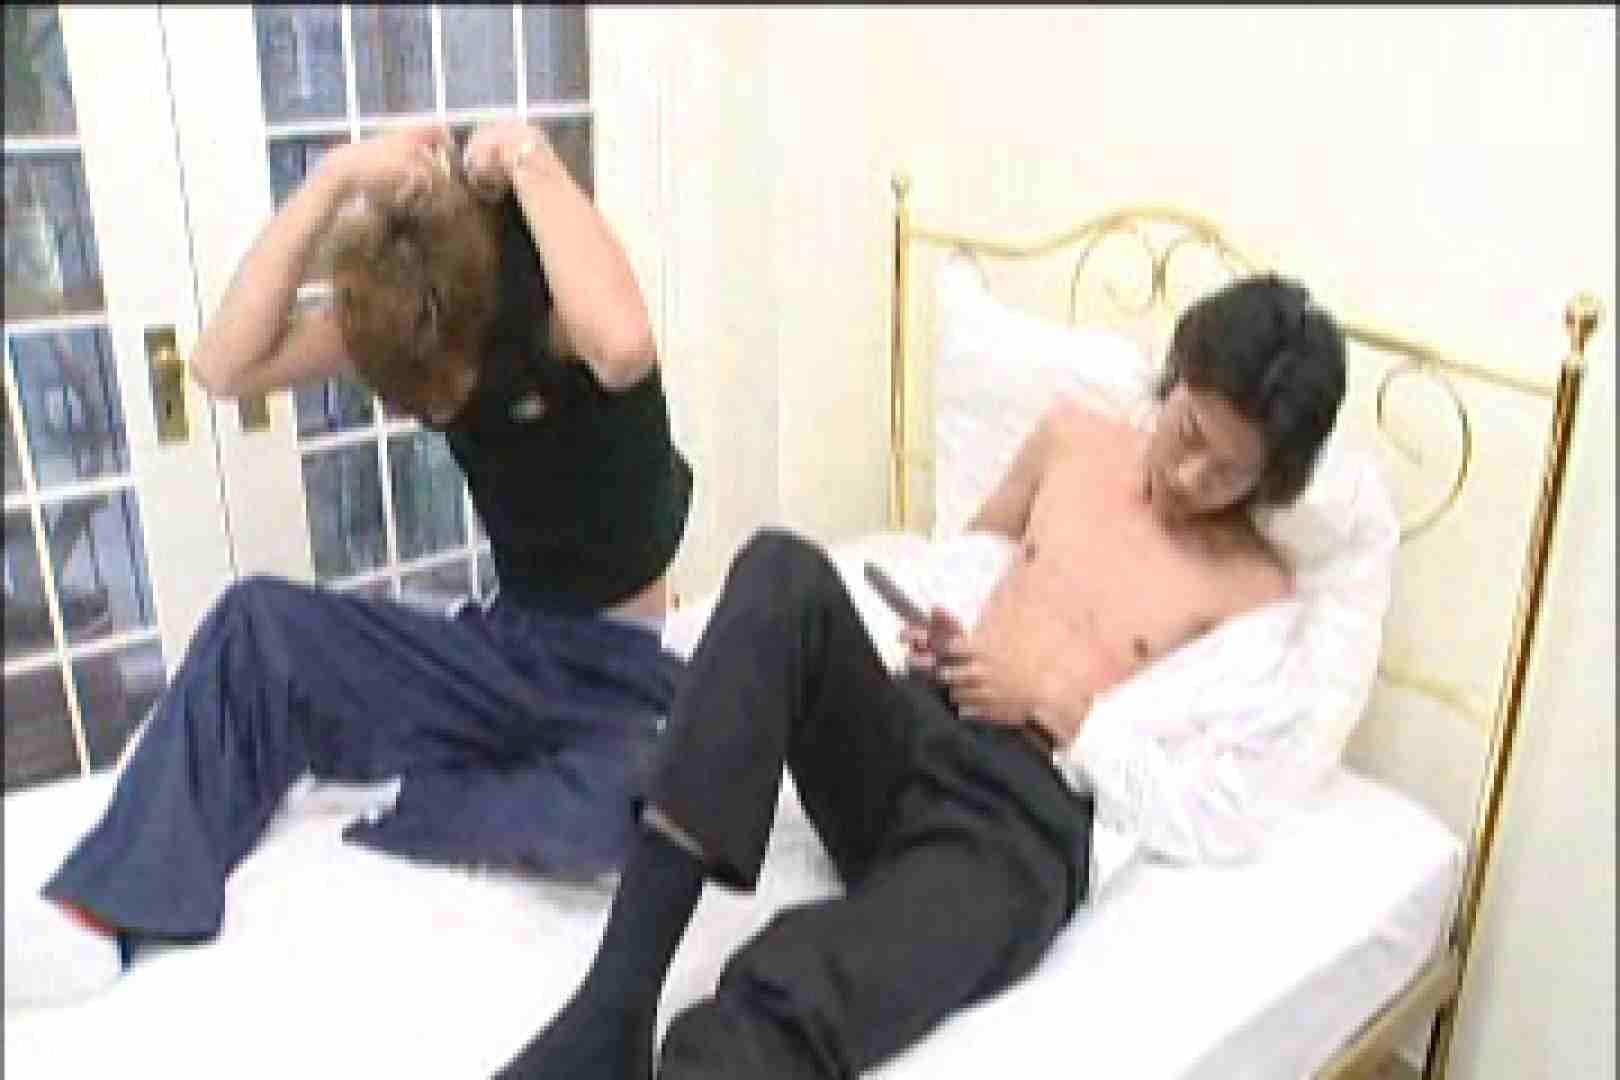 イケメン☆パラダイス〜男ざかりの君たちへ〜vol.40 ケツマン ゲイエロビデオ画像 80pic 50